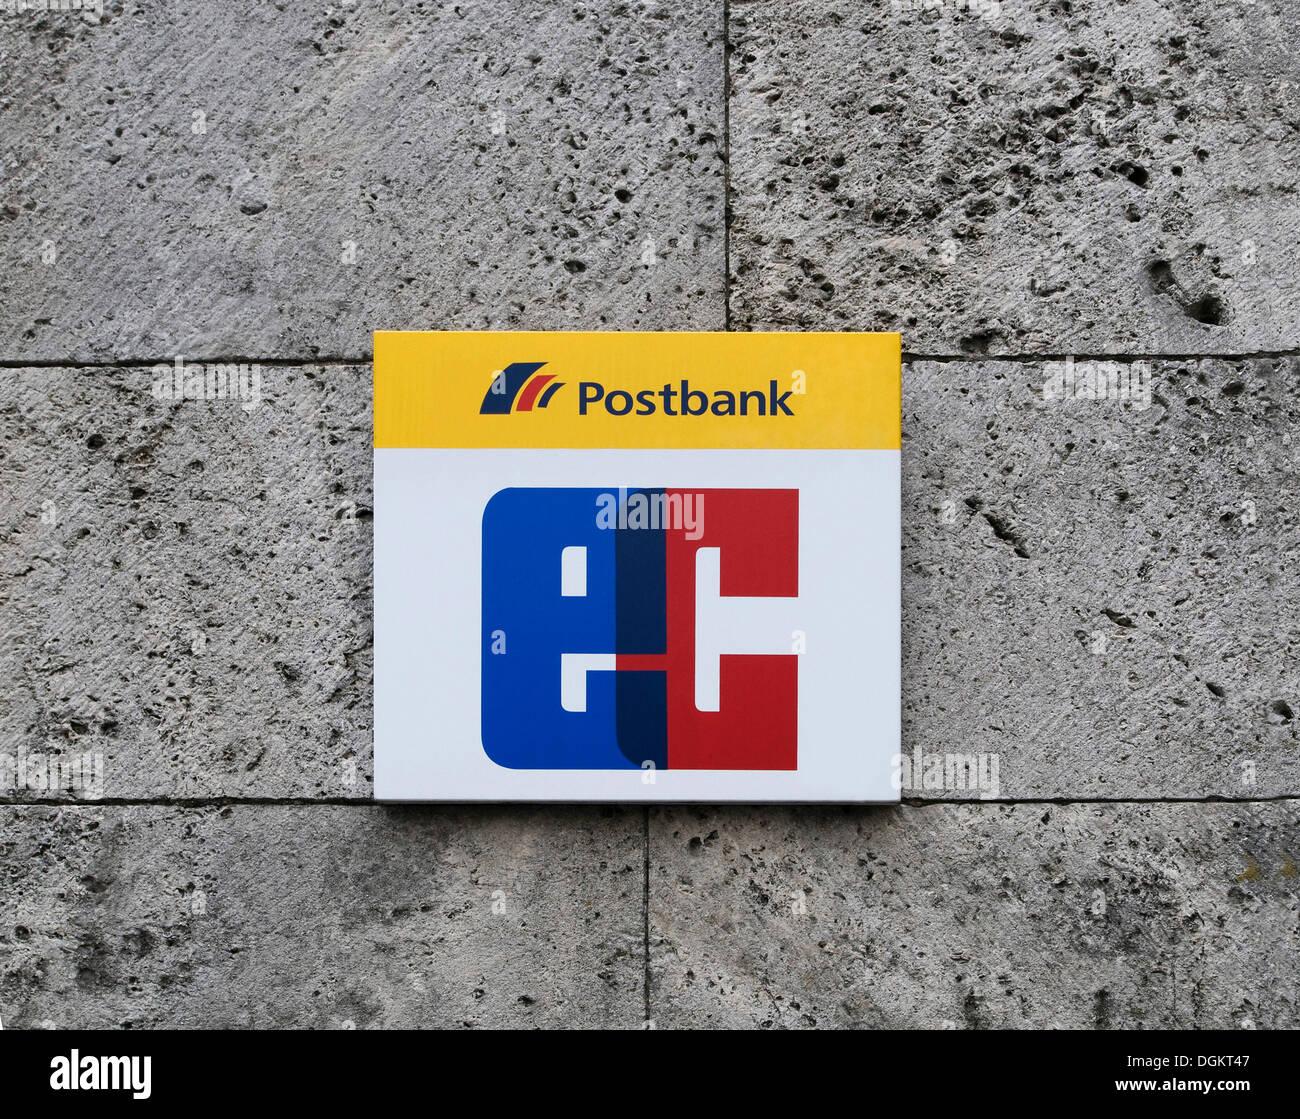 Sign indicating a 'Postbank EC' counter, on a stone facade - Stock Image